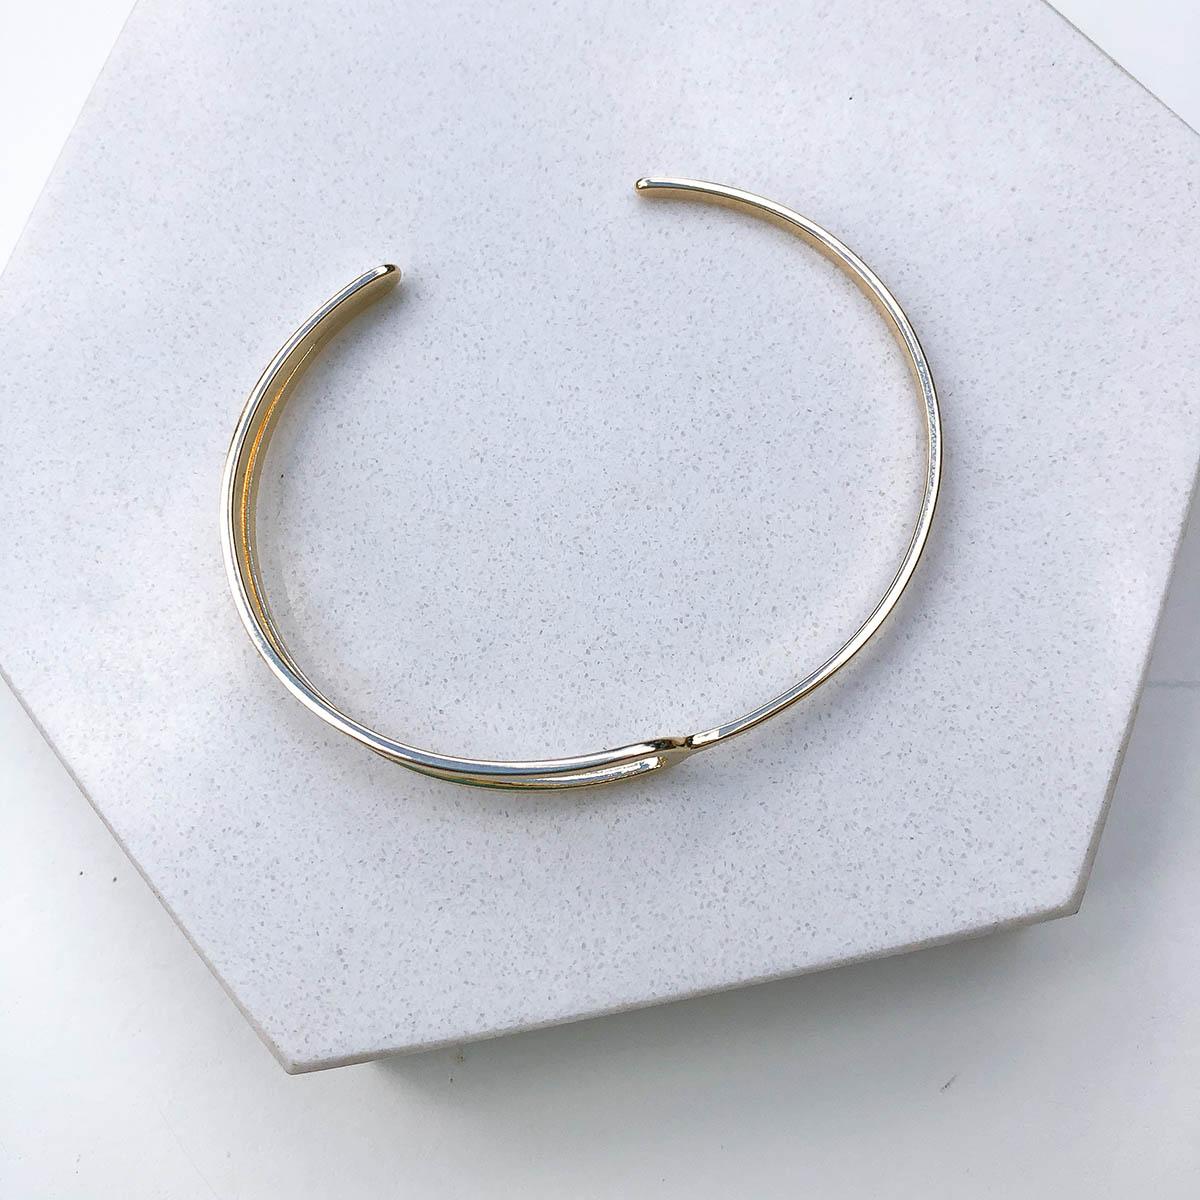 Bracelete Banhado a Ouro 18k Fio Vazado